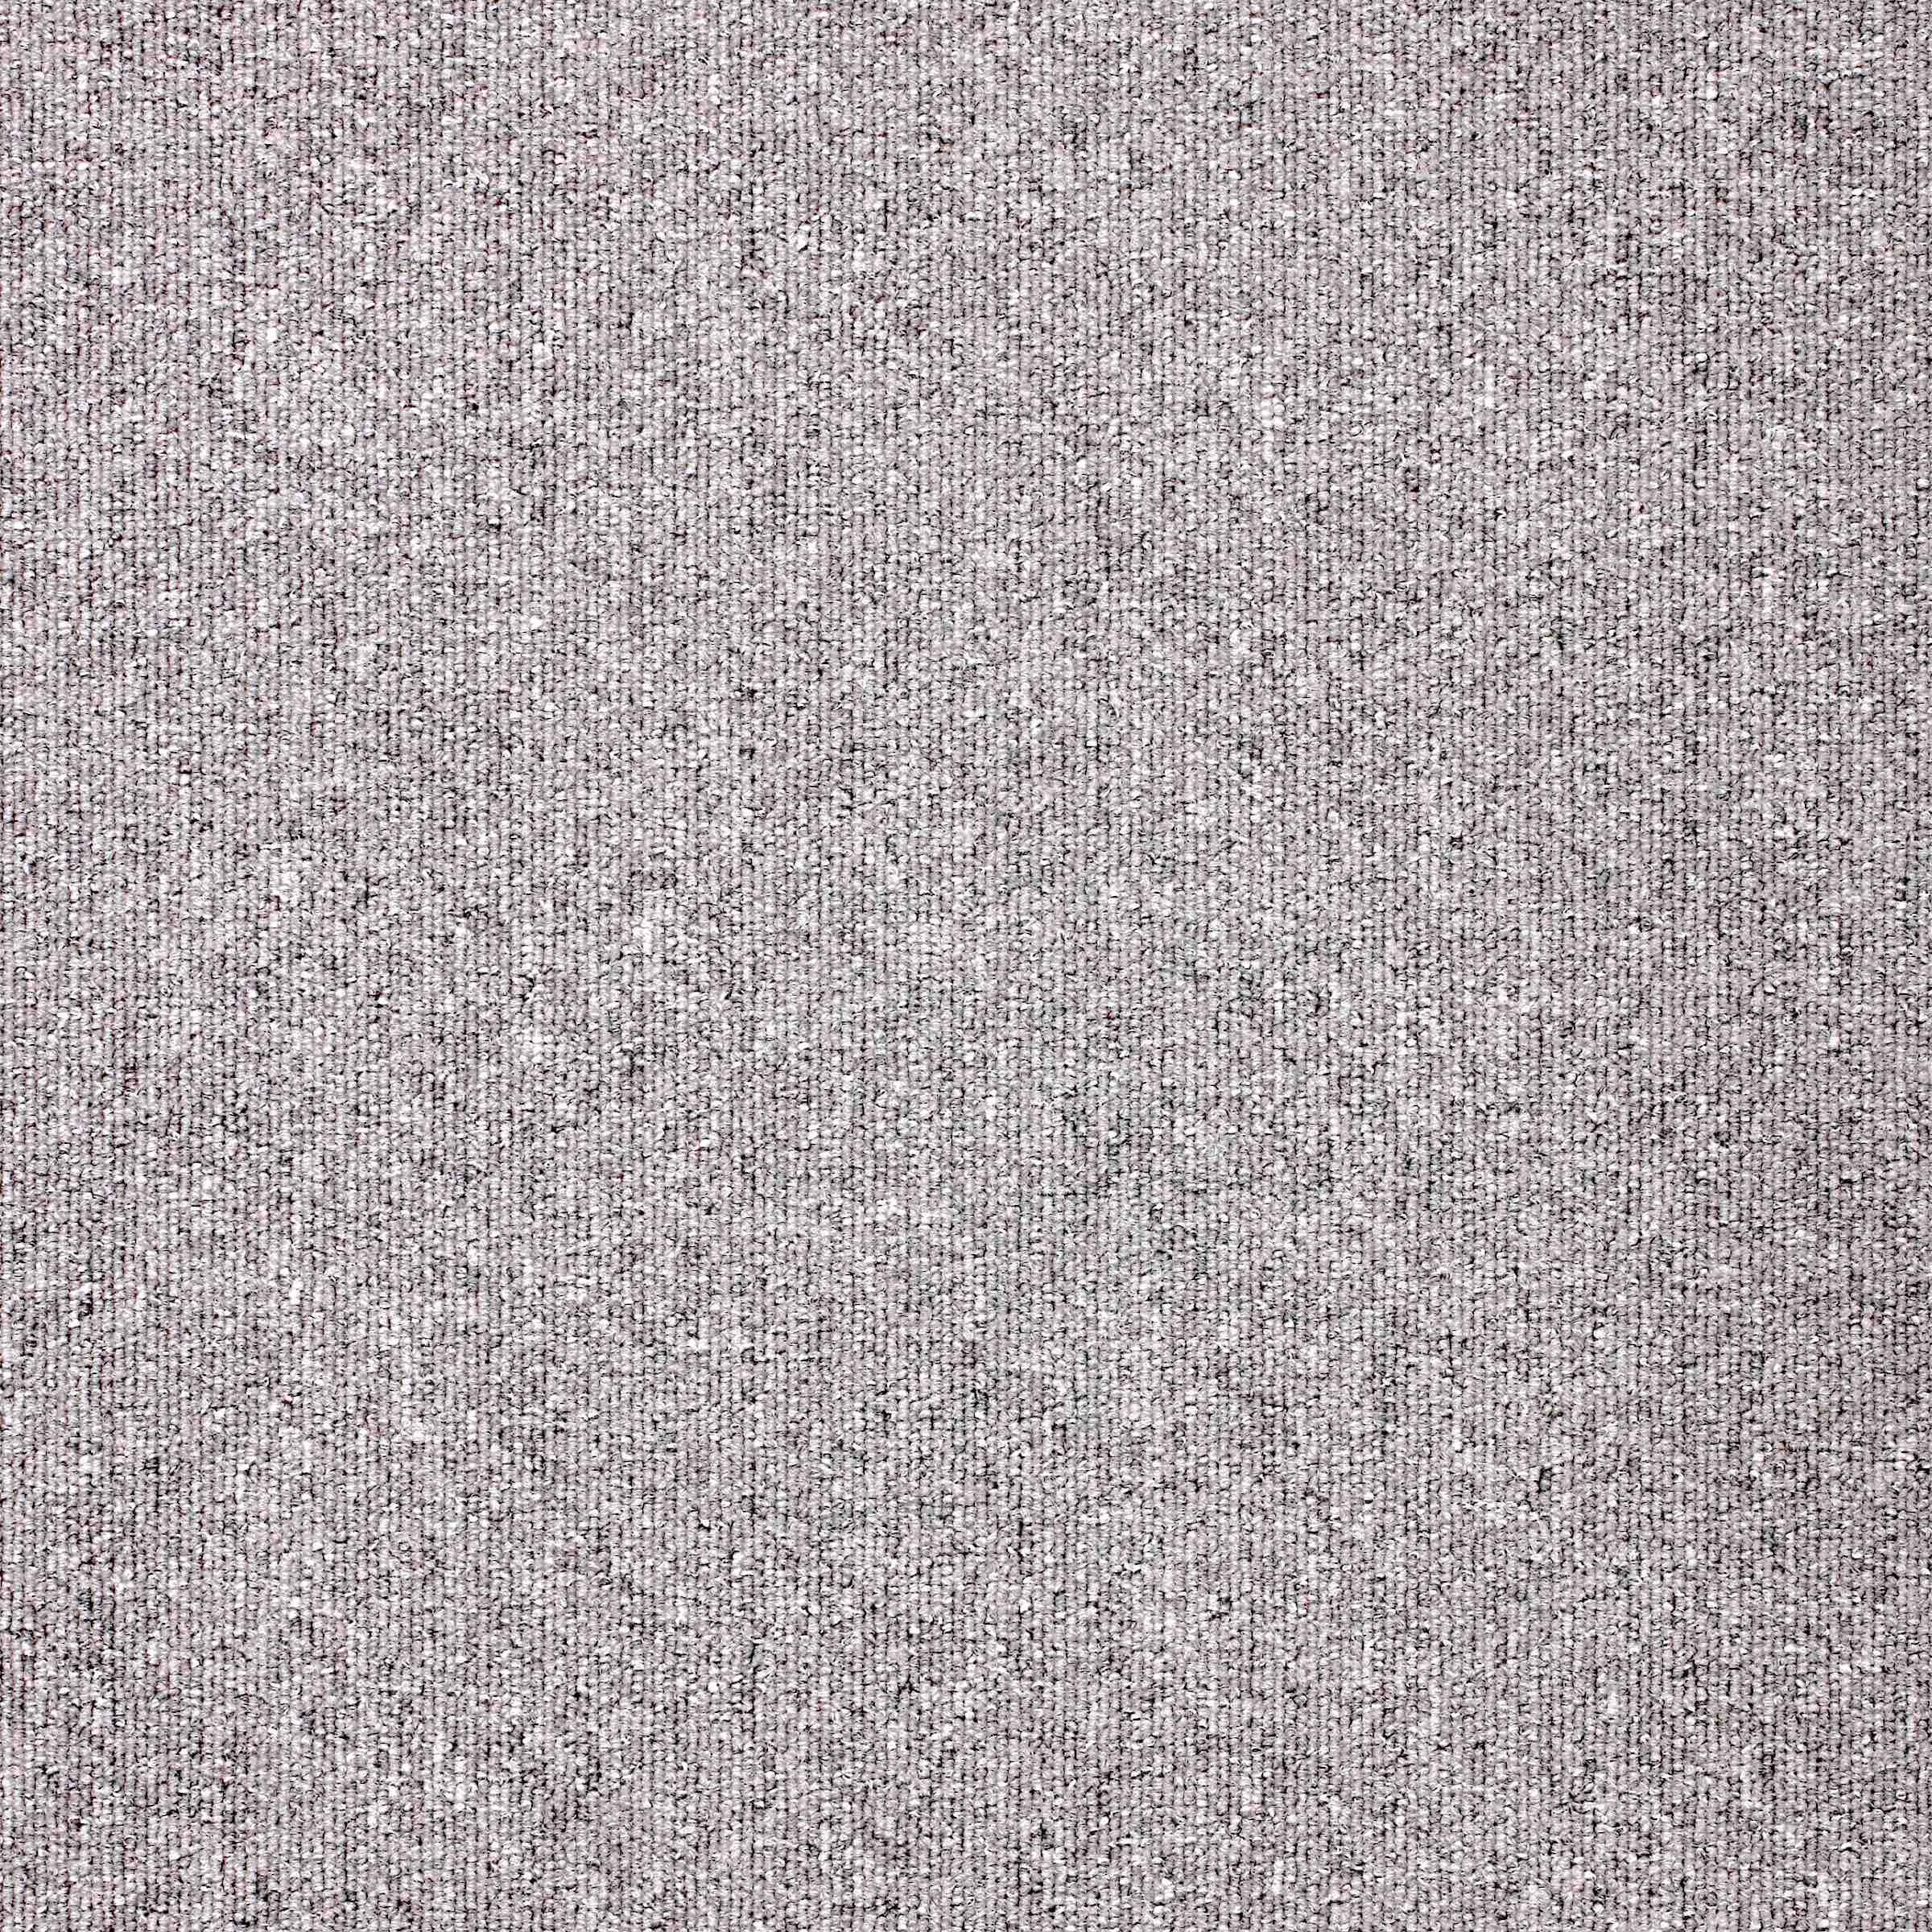 Diversity | Mouse, 830 | Paragon Carpet Tiles | Commercial Carpet Tiles